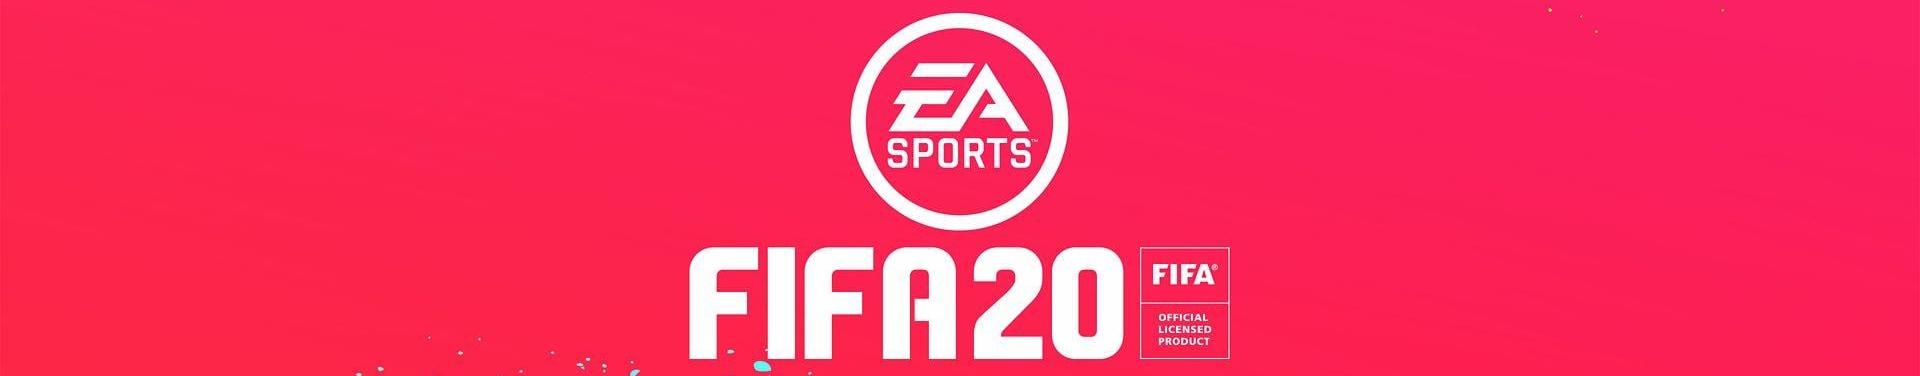 FIFA 20 logo.png